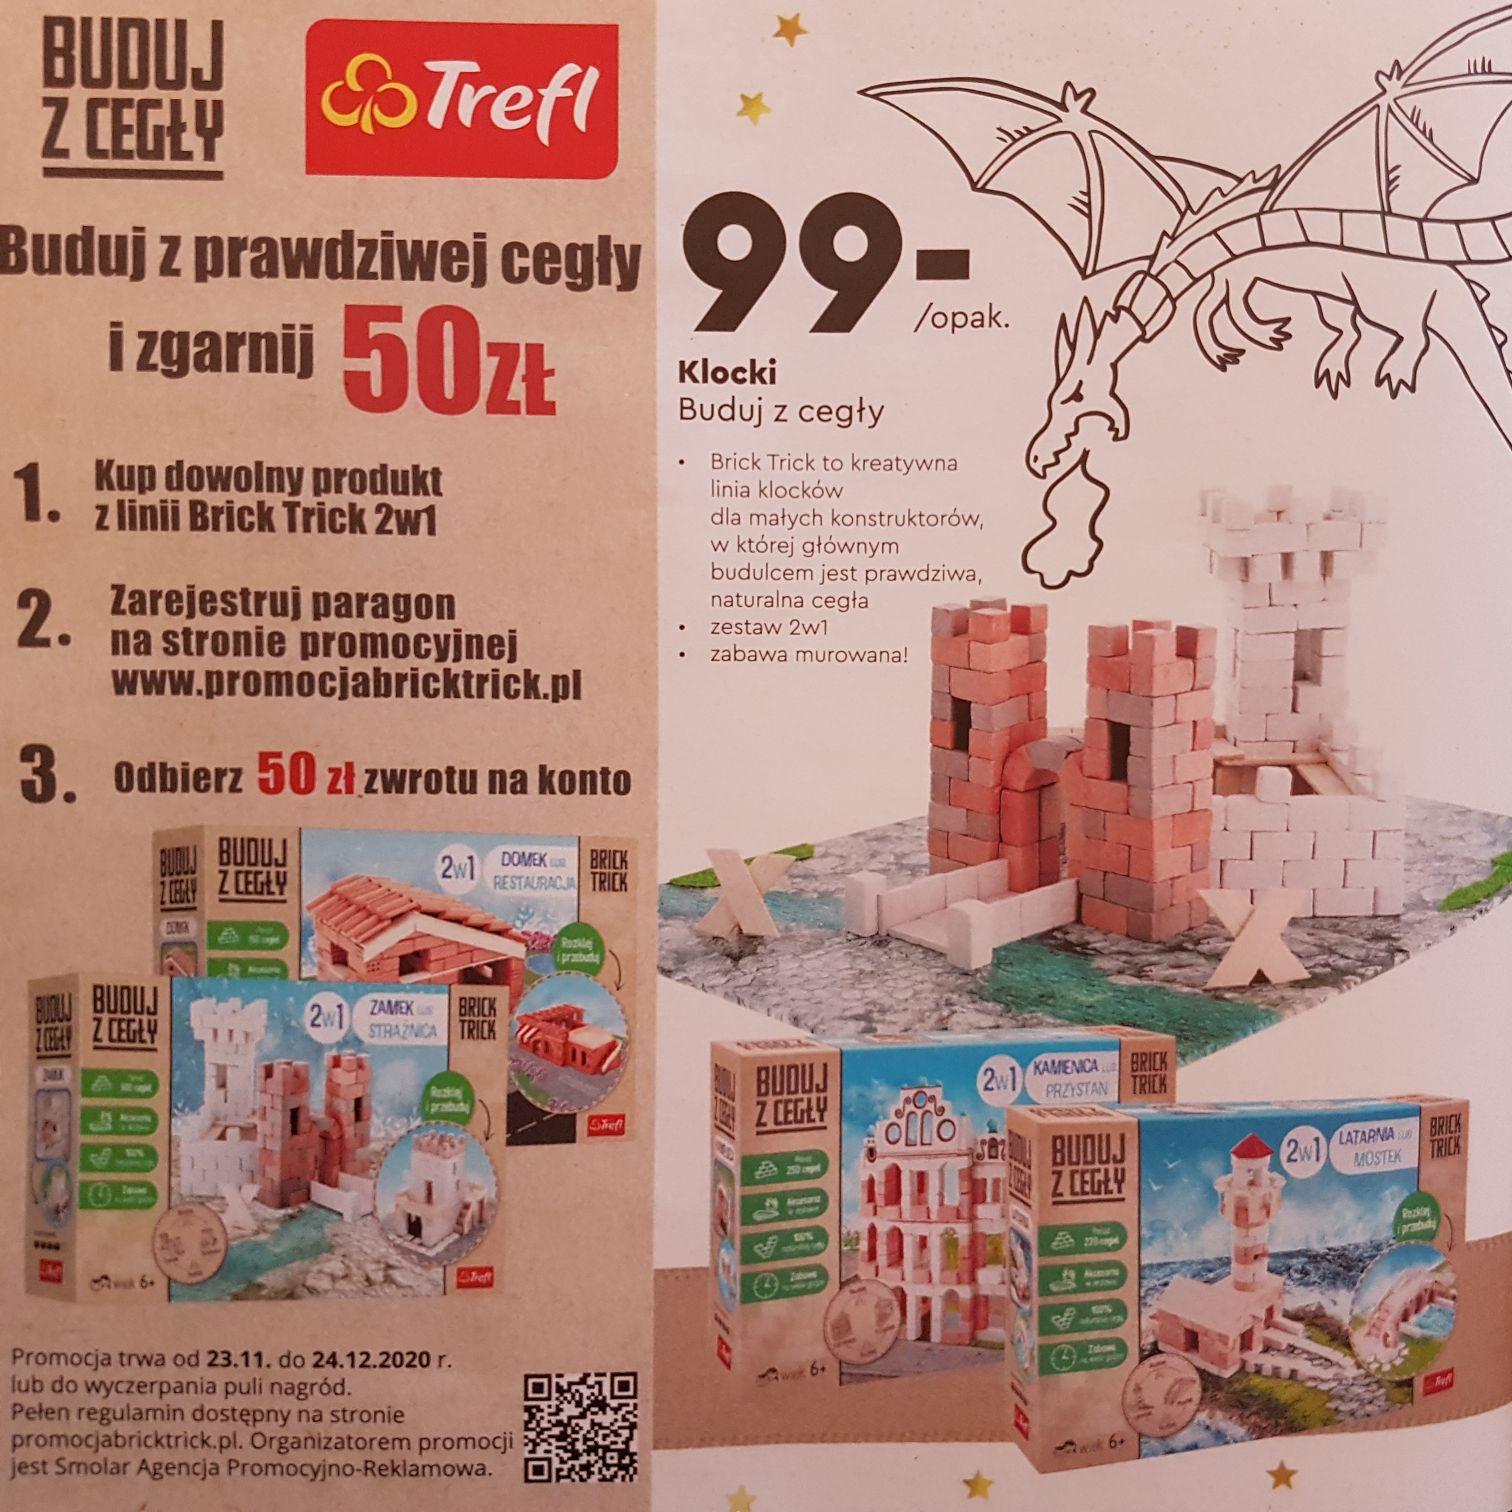 50zł zwrotu (Smolar) za zakup klocków Trefl z prawdziwej cegły Brick Trick @ Biedronka